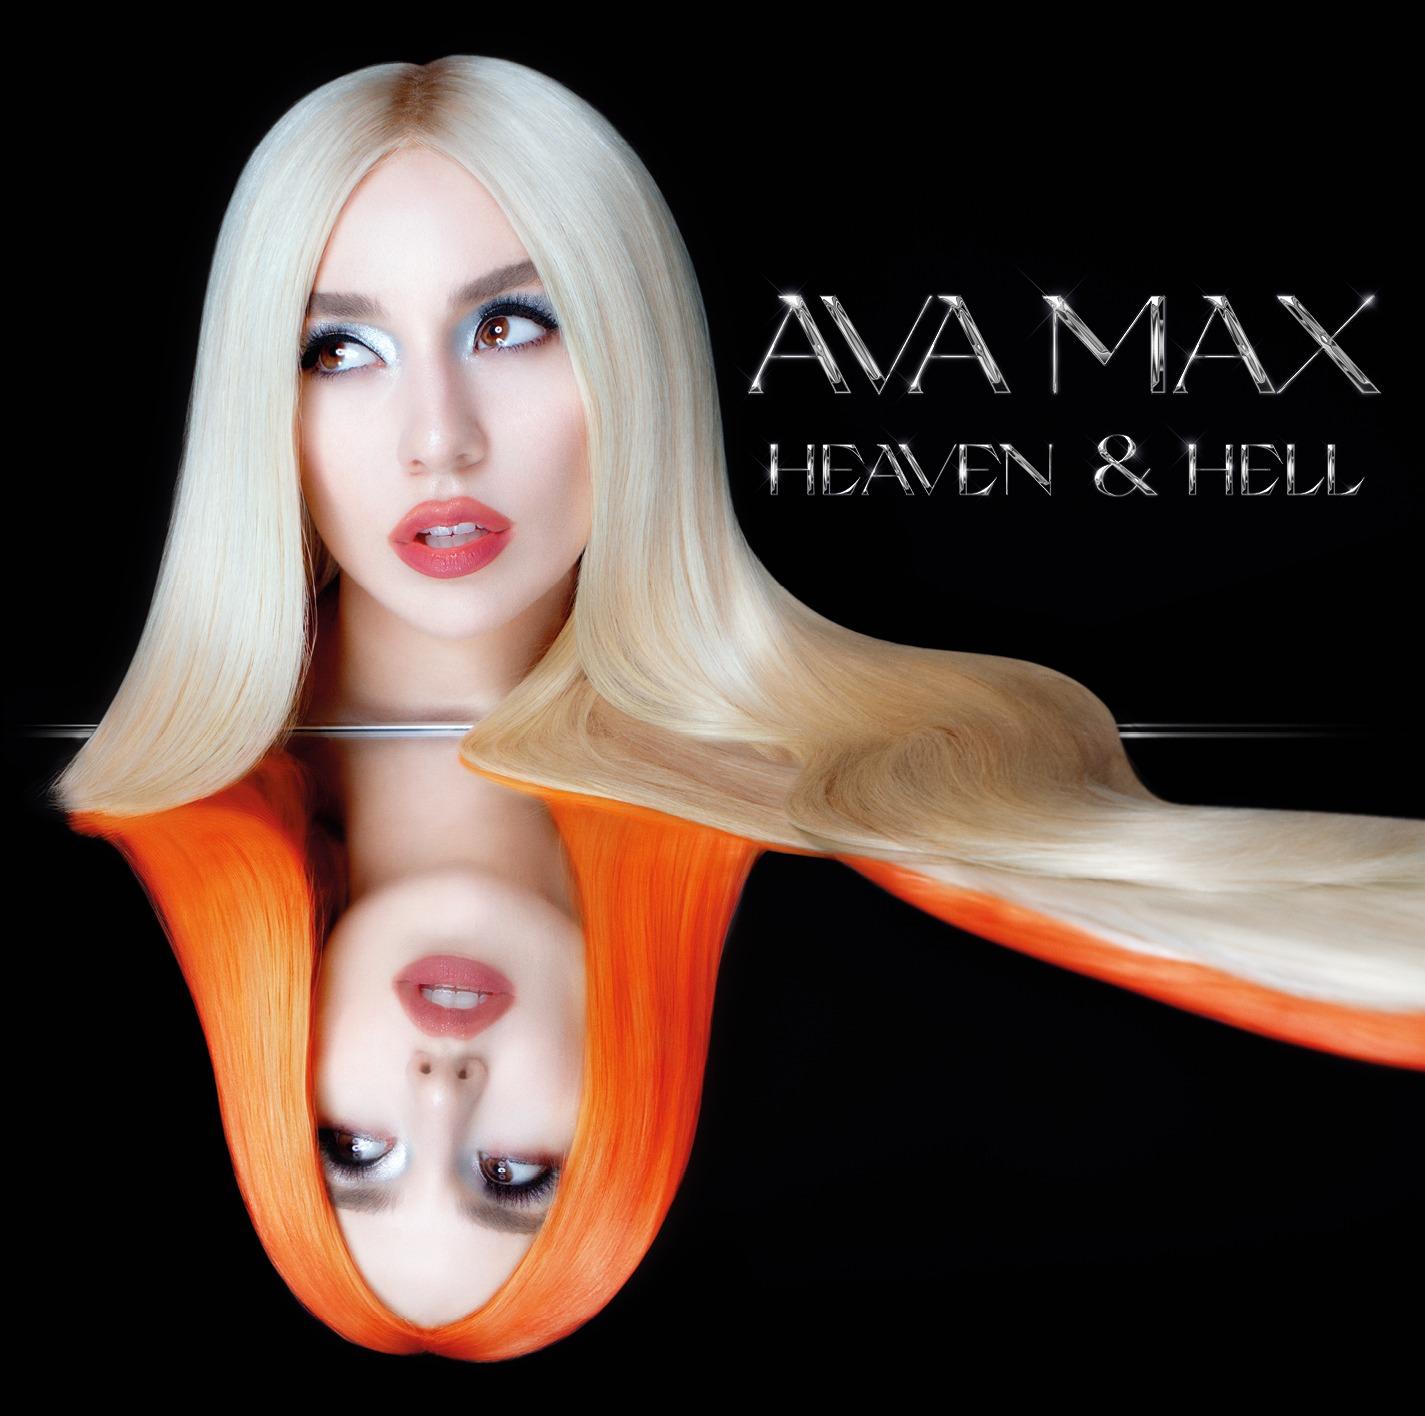 Ava Max_Heaven & Hell_Album Cover